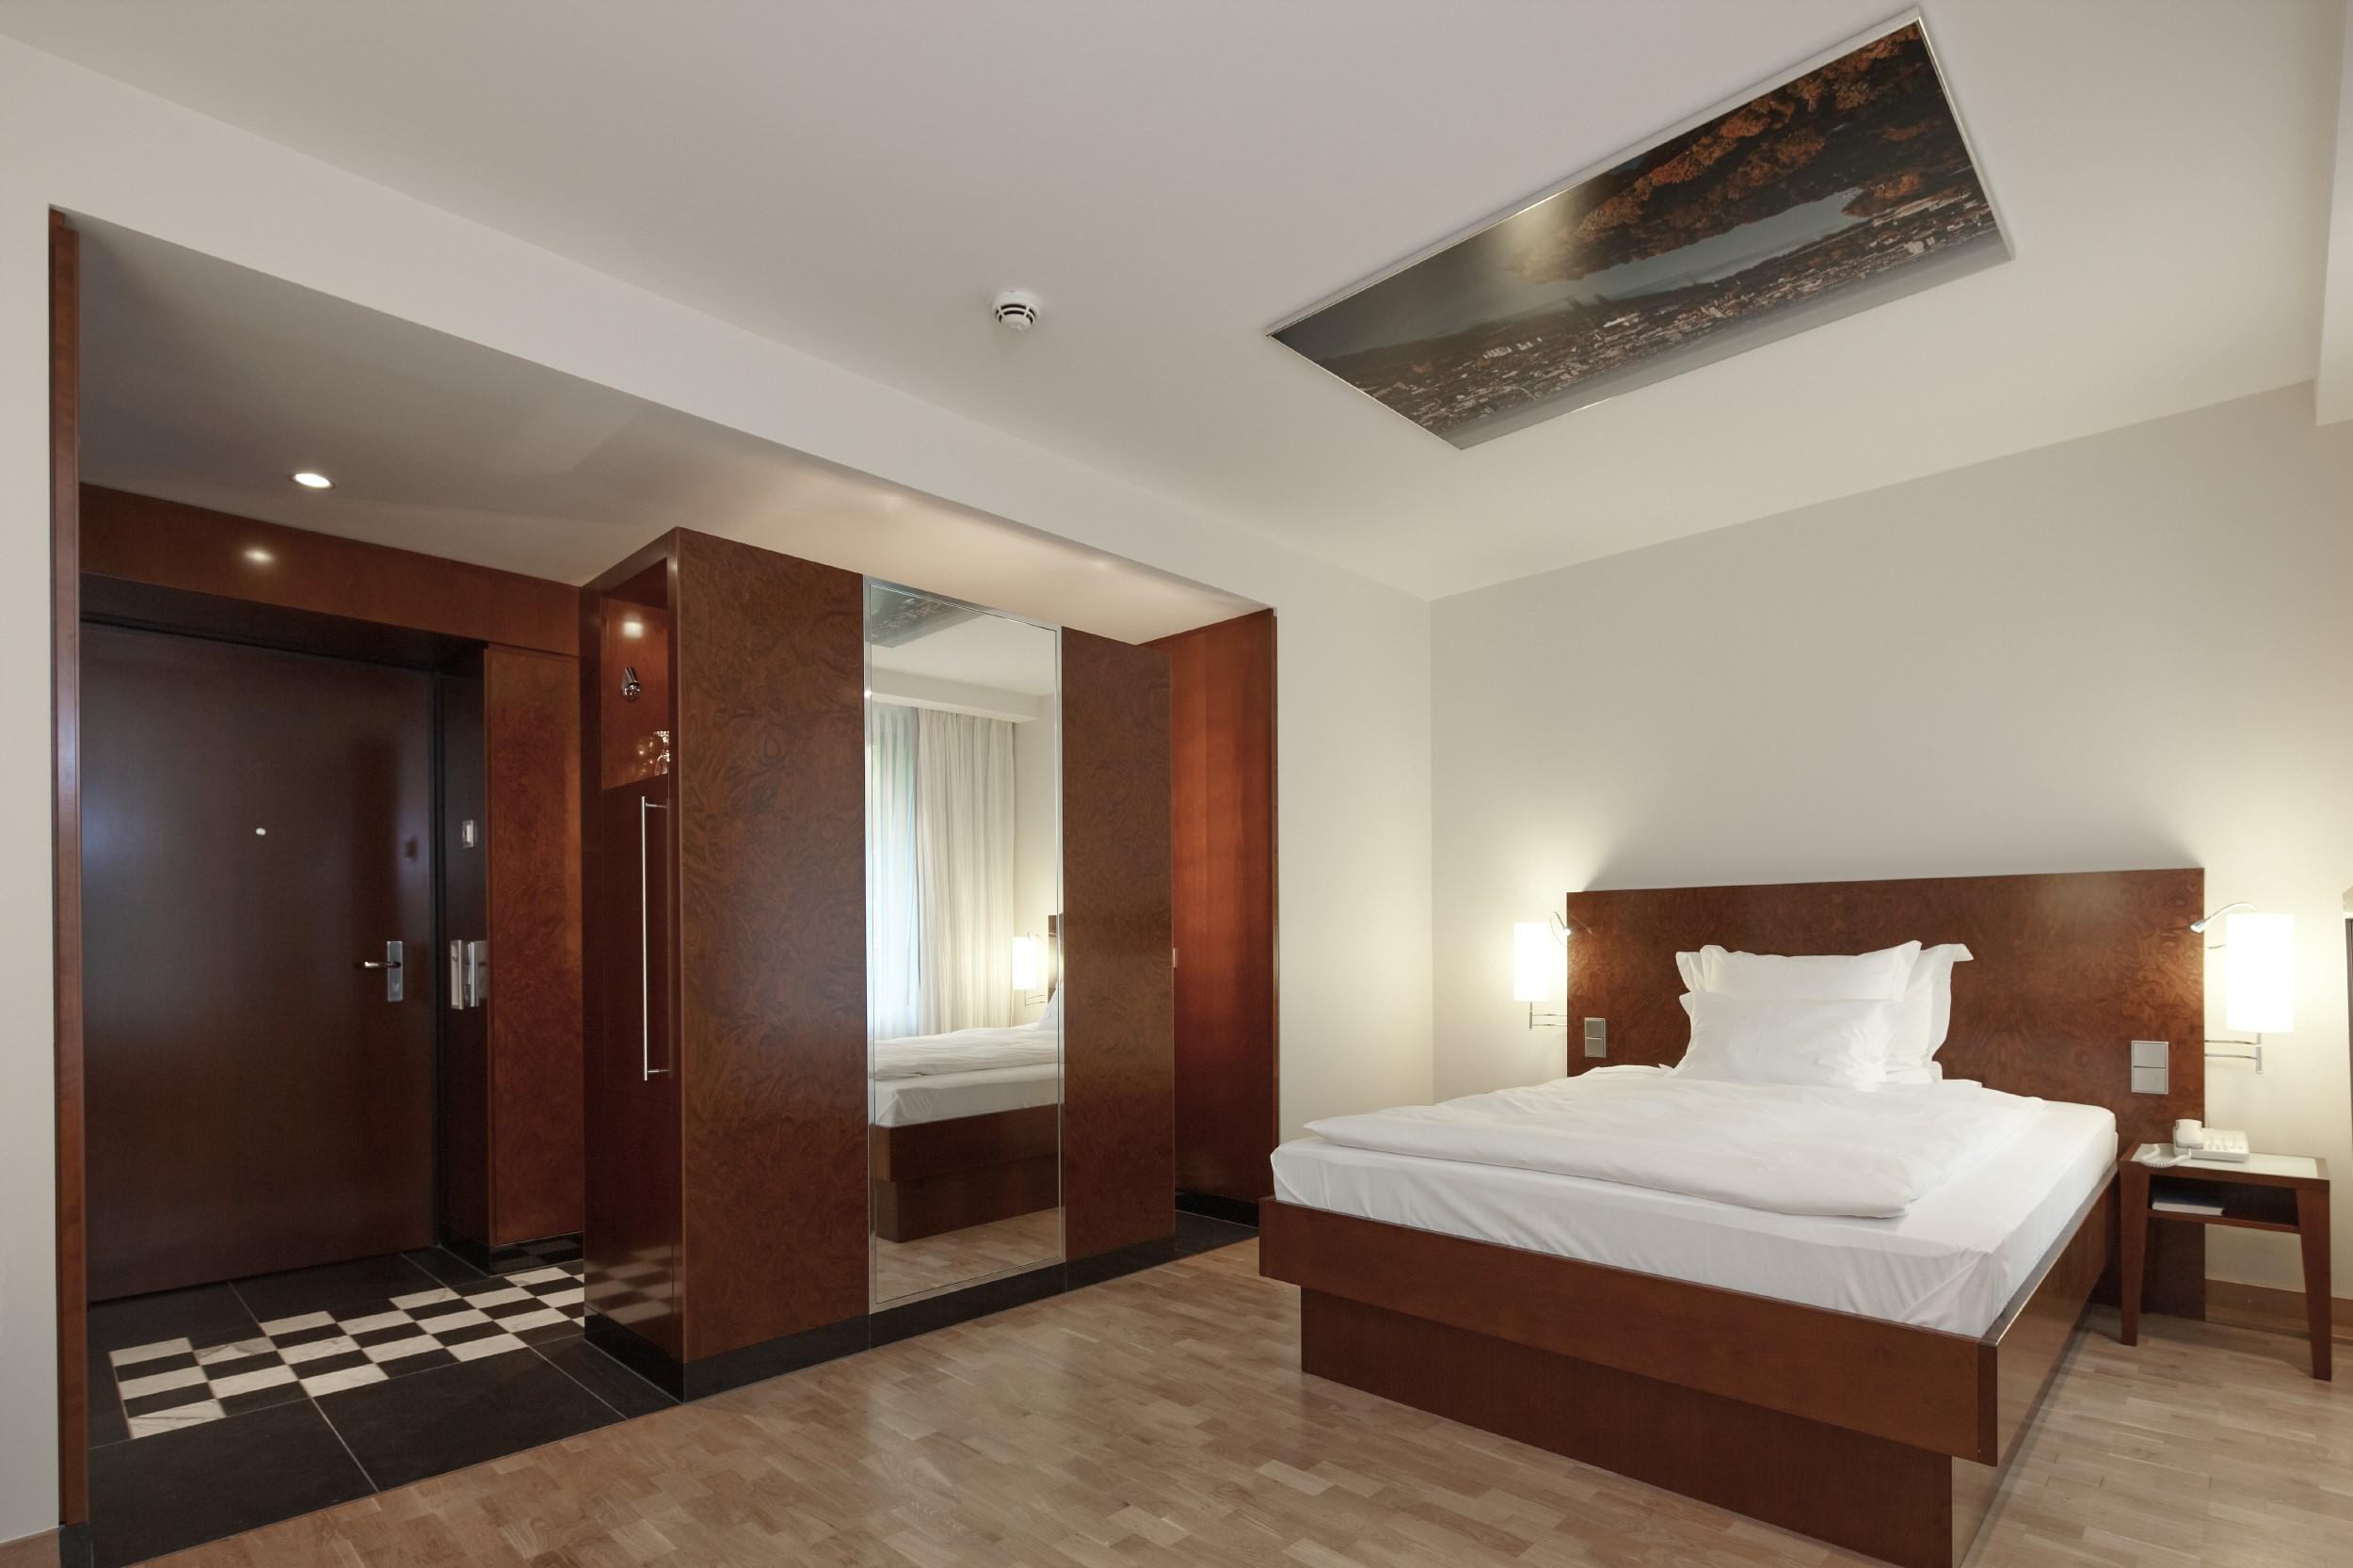 eberhard franke fotografie grand hotel mussmann hannover. Black Bedroom Furniture Sets. Home Design Ideas